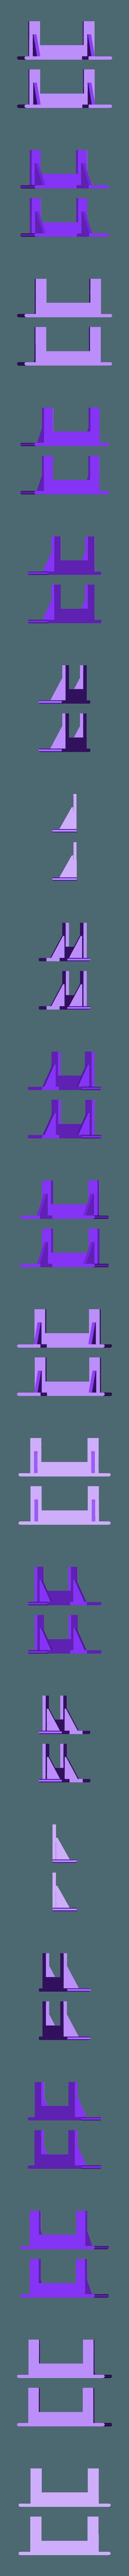 Speaker_Stand.stl Télécharger fichier STL gratuit Pied d'enceinte horizontal Logitech Z4 • Objet à imprimer en 3D, jonbourg